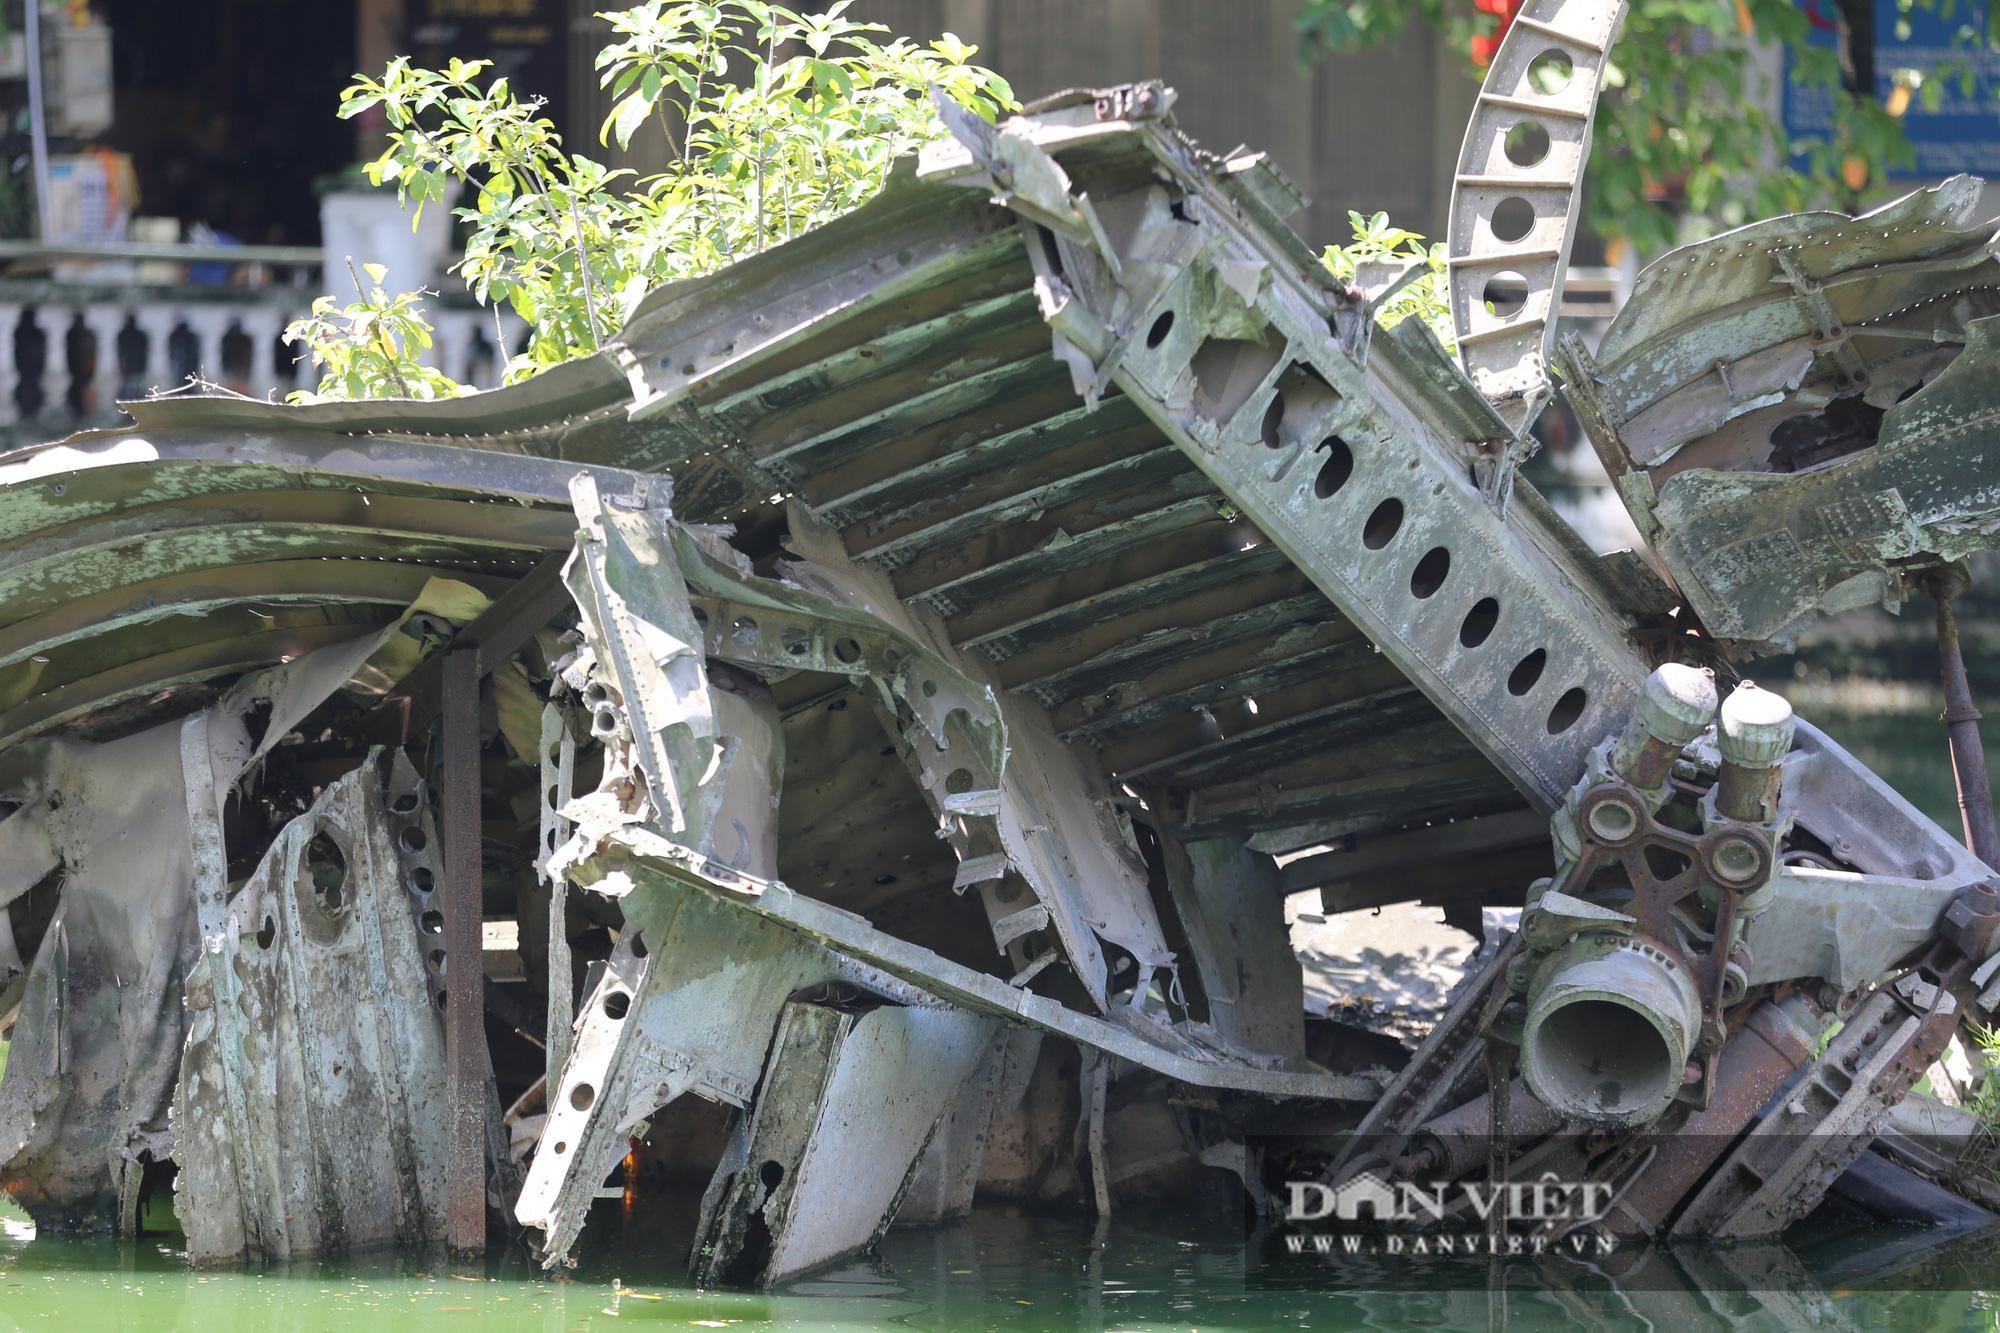 """Hồ Hữu Tiệp, nơi """"an nghỉ"""" của pháo đài bay B52 sắp được tu bổ, tôn tạo - Ảnh 10."""